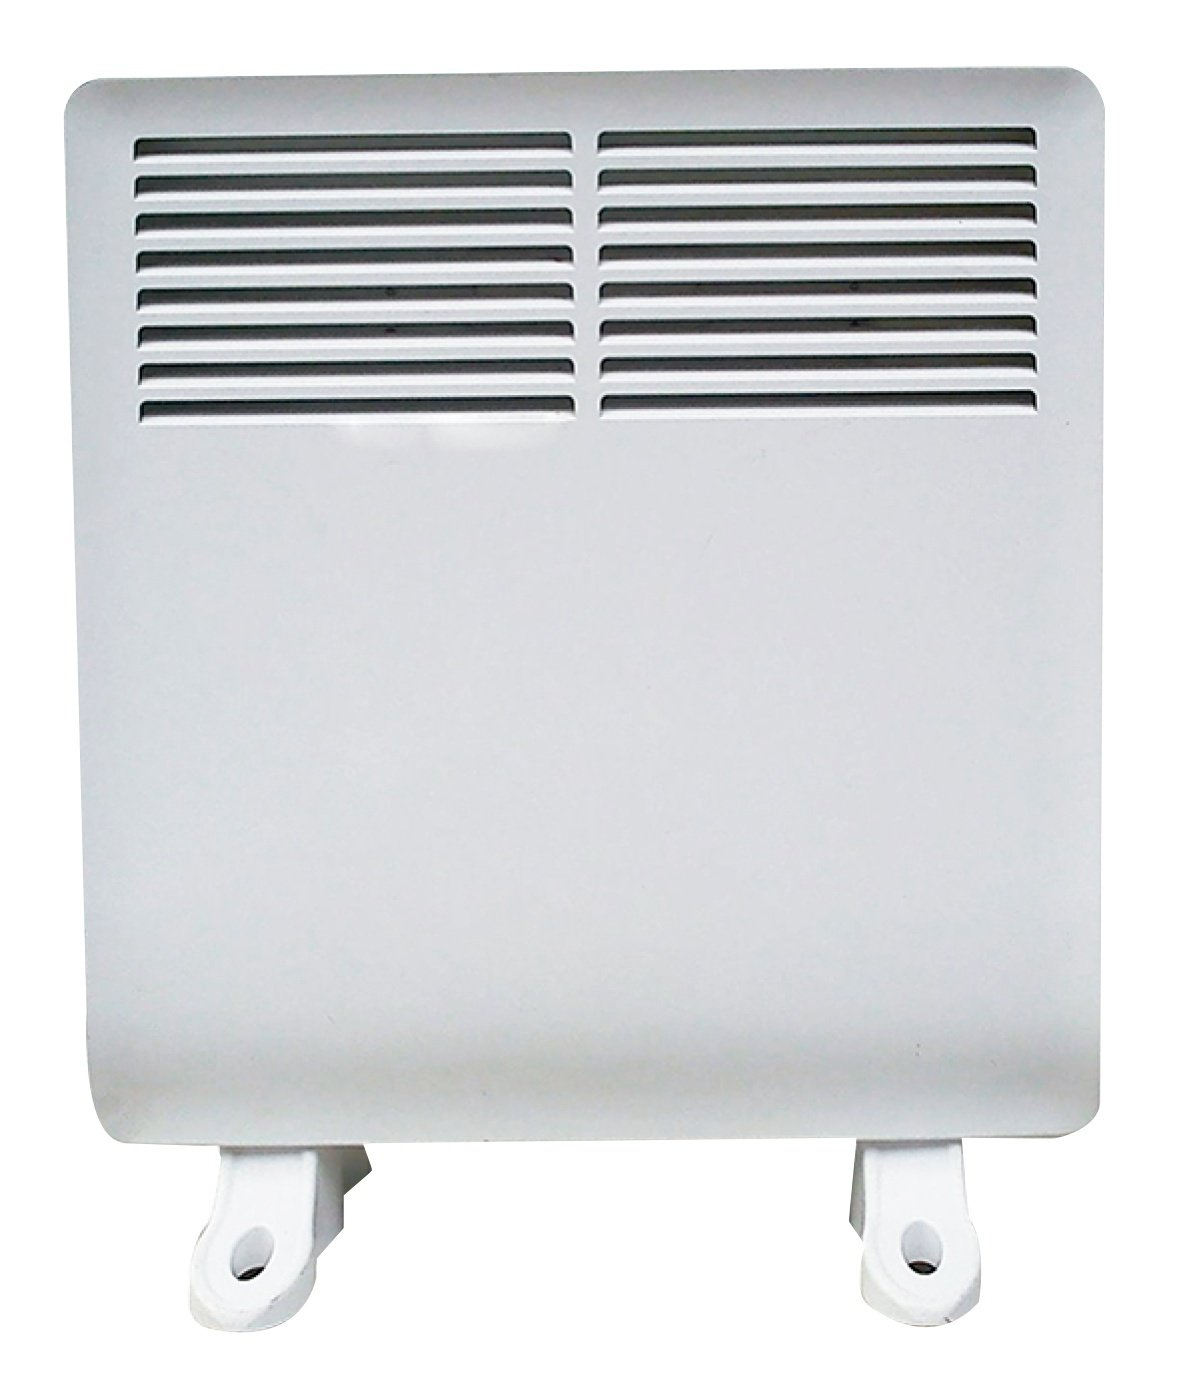 嘉儀對流式電暖器KEB-M10,具IP24防水等級,且可壁掛、平放兩用。圖/燦坤...